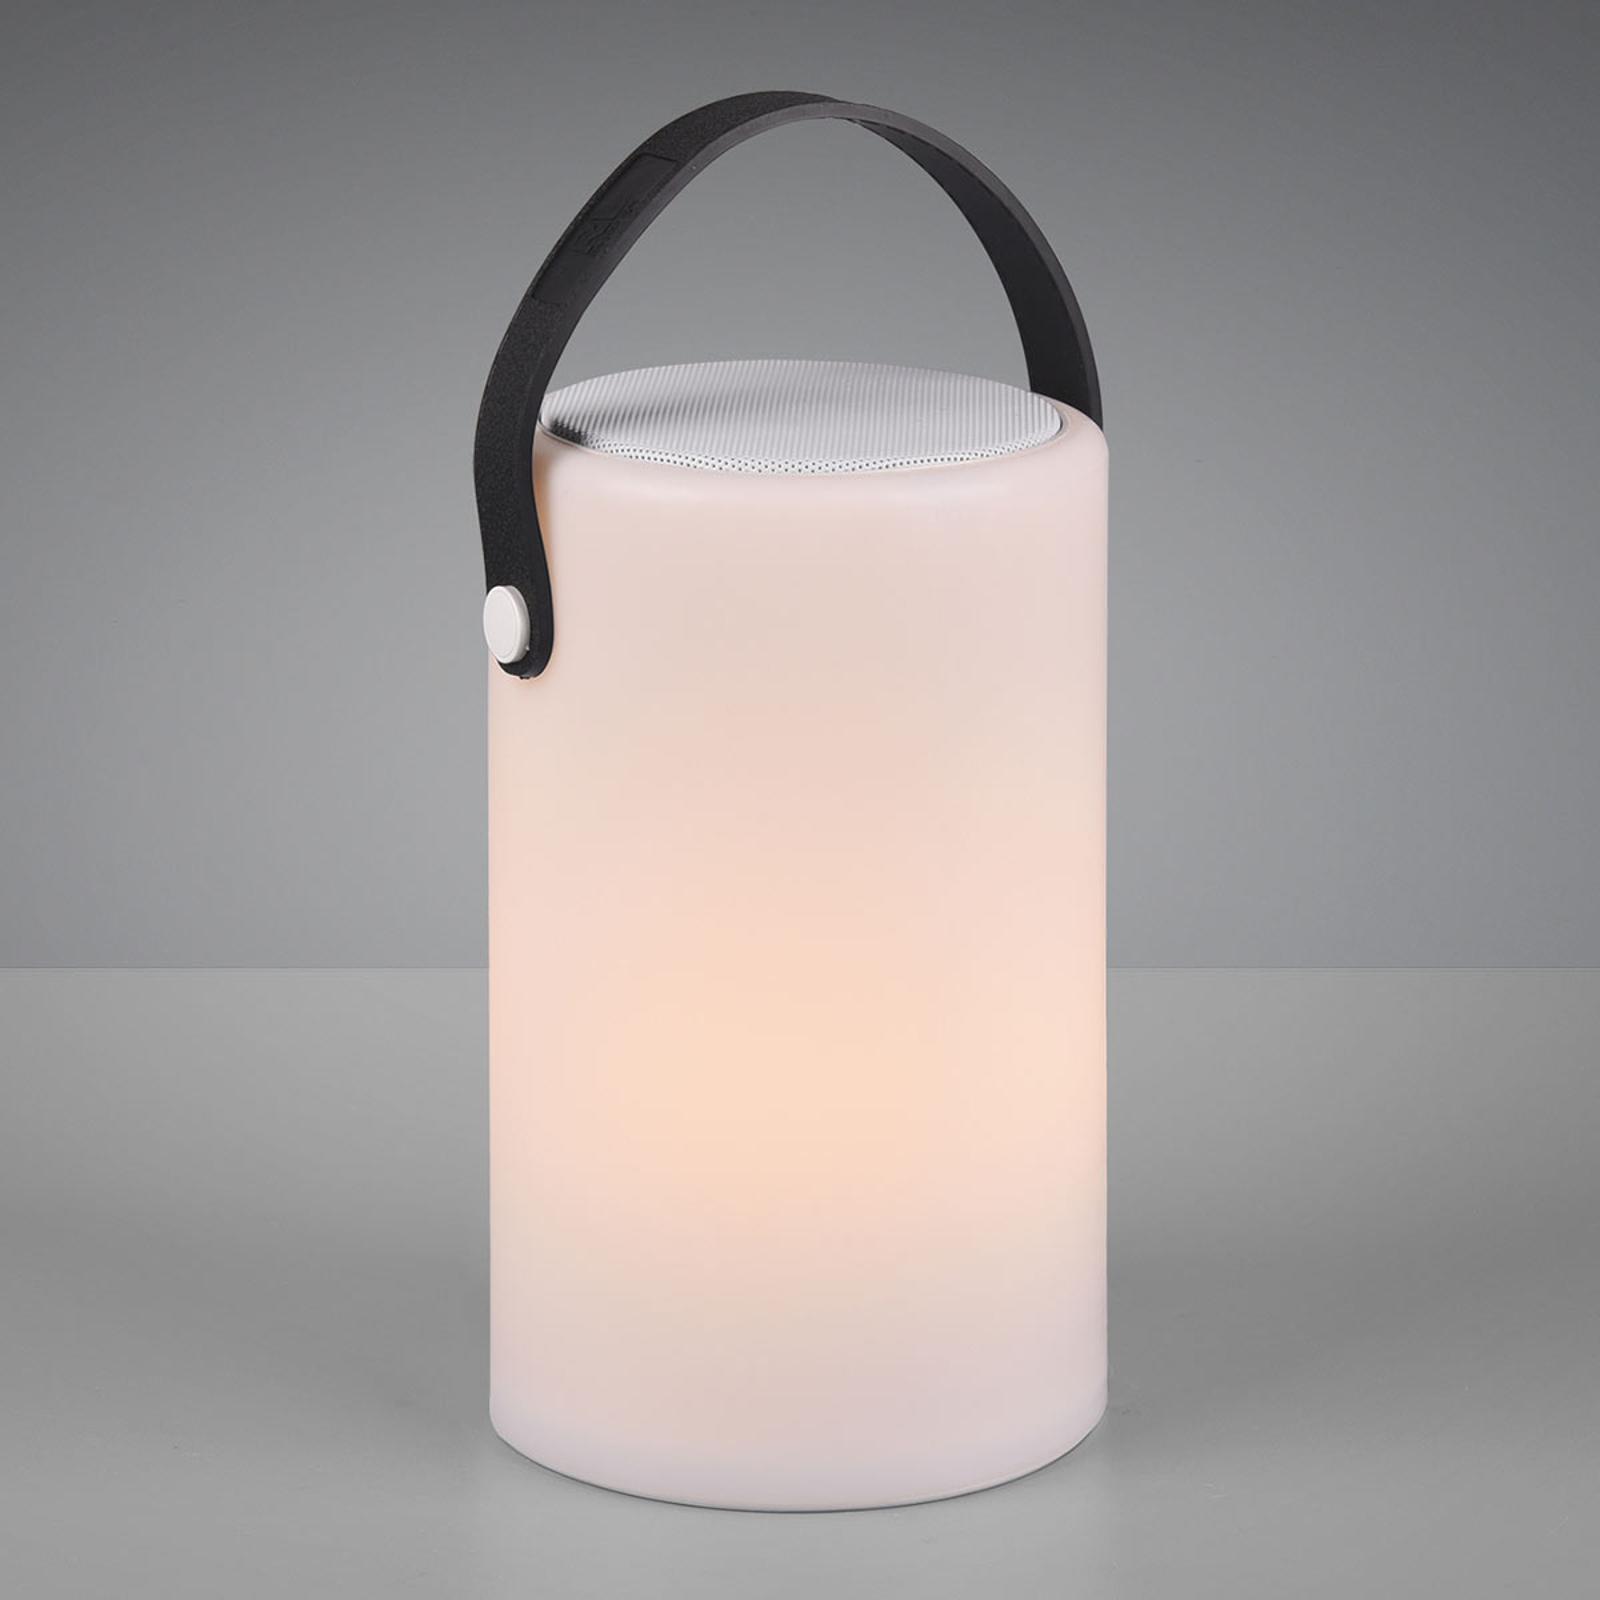 LED-Tischlampe Bermuda mit Akku und Fernbedienung